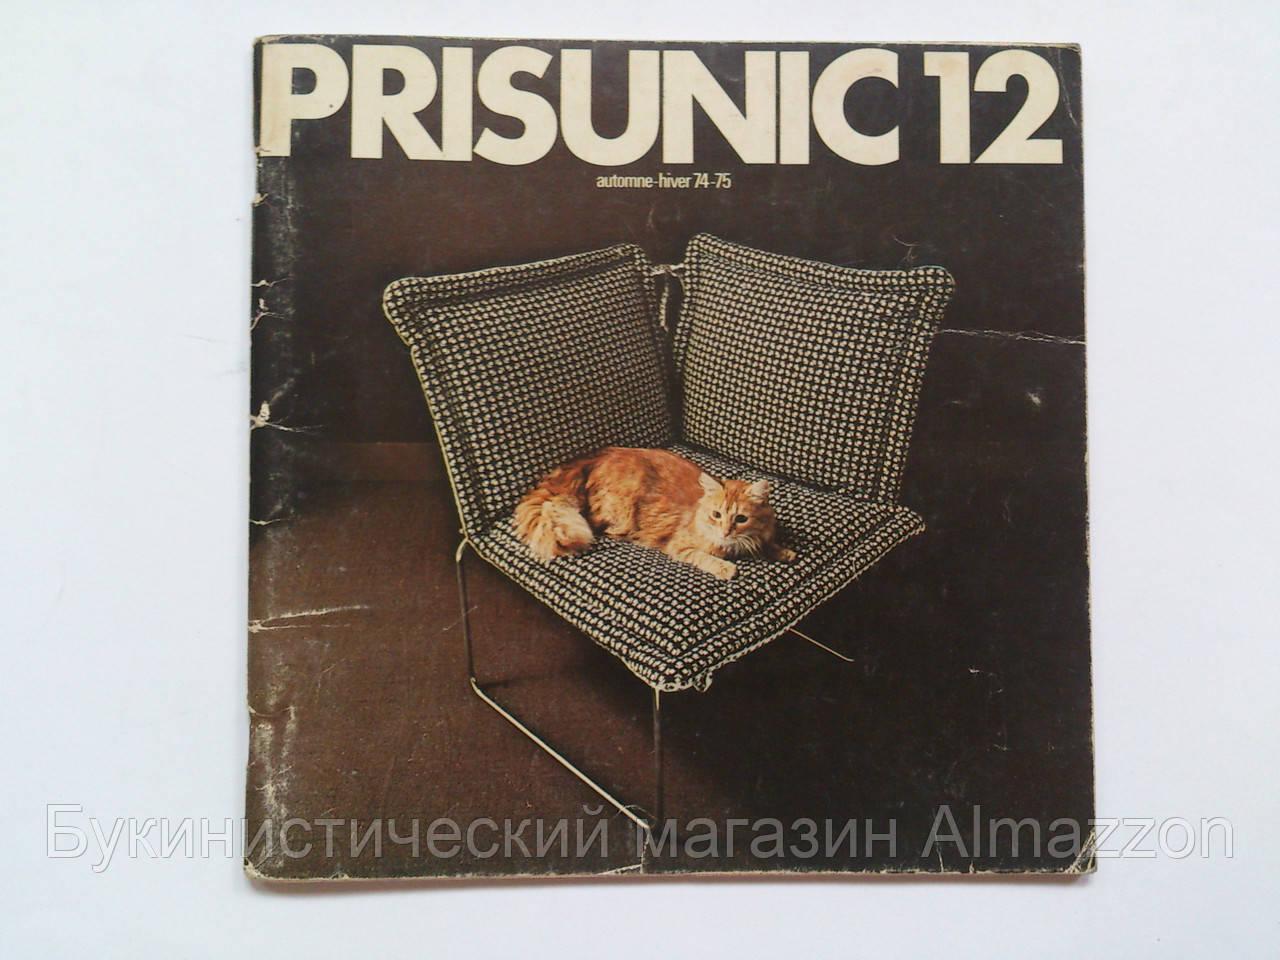 Каталог Prisunic 12. Мебель и аксессуары. 1970-е годы